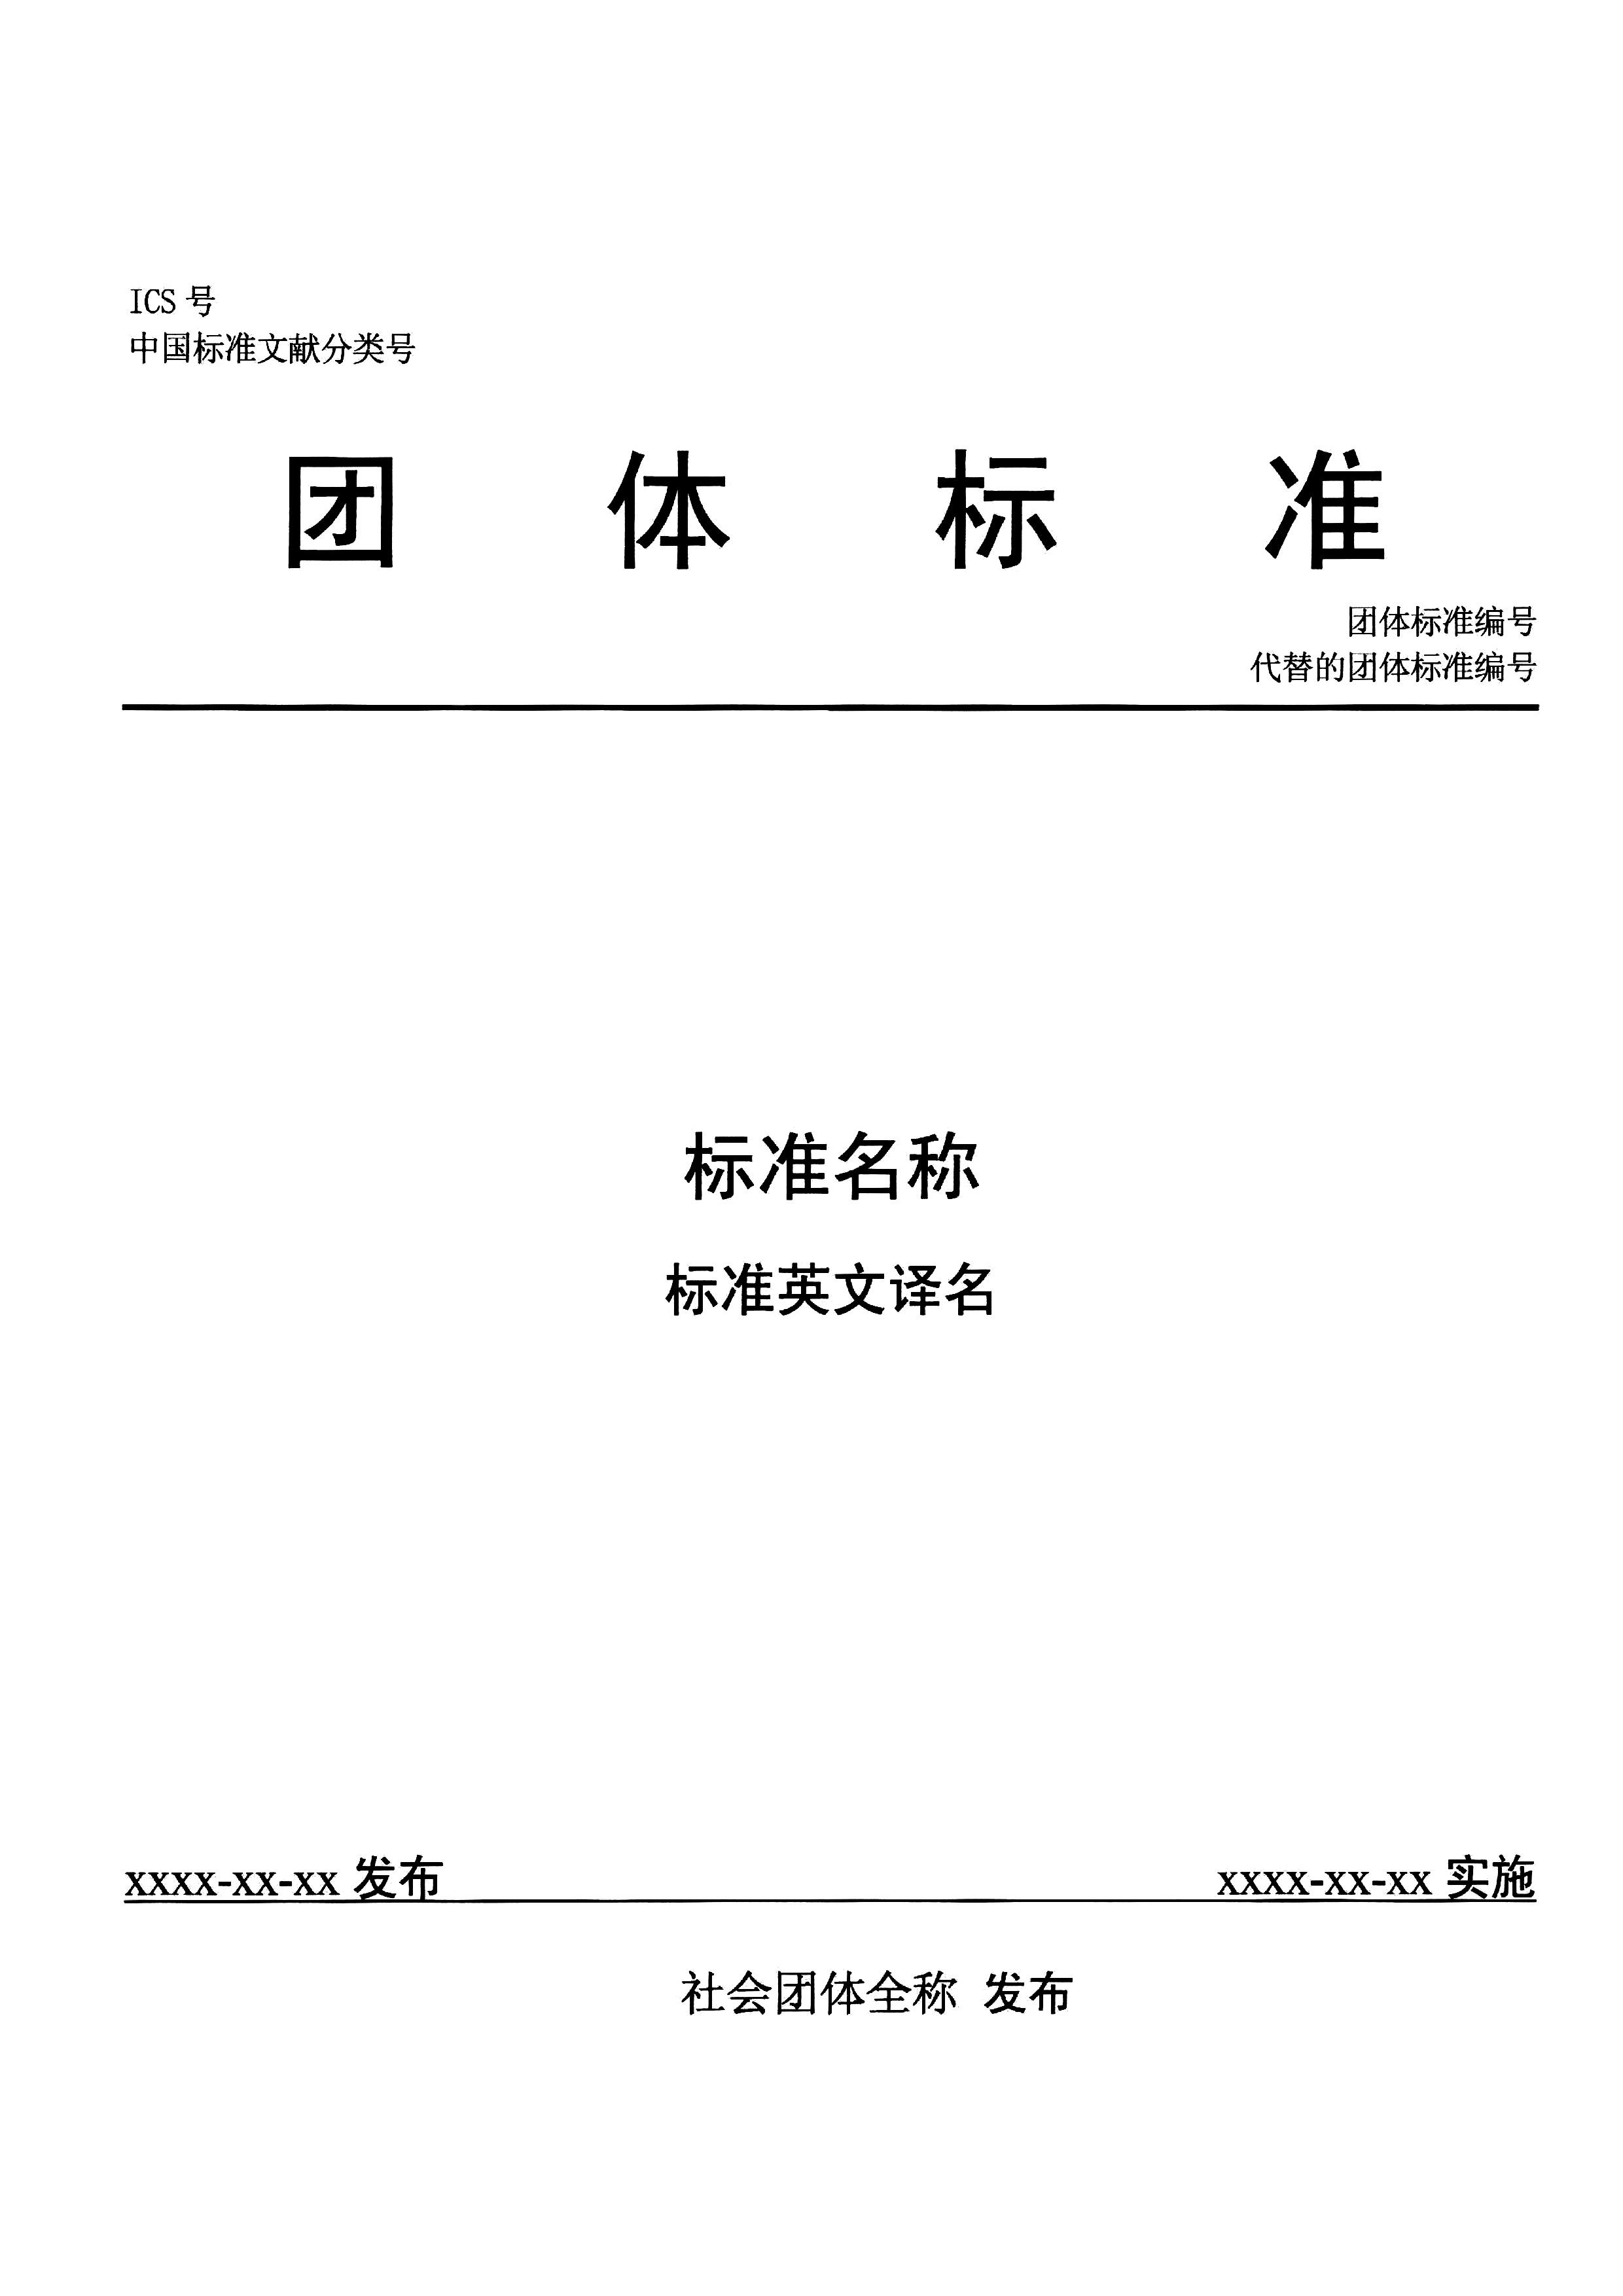 国家建筑强制性标准_团体标准管理规定